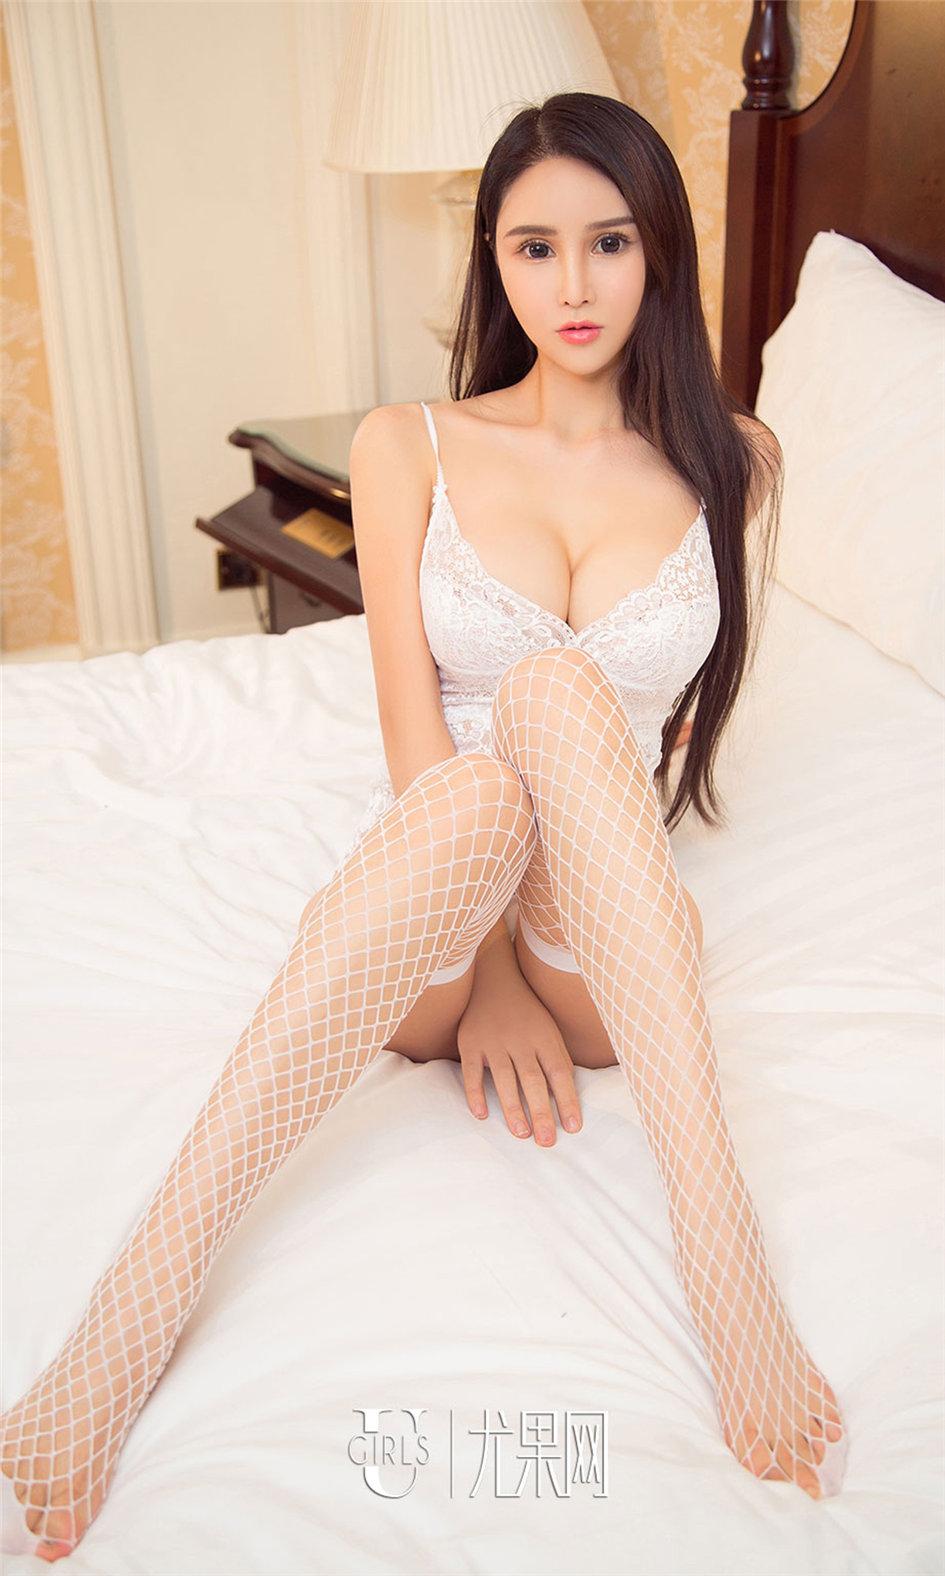 [尤果网] 小清新吊带衫美女苏美美私拍图片 第952期